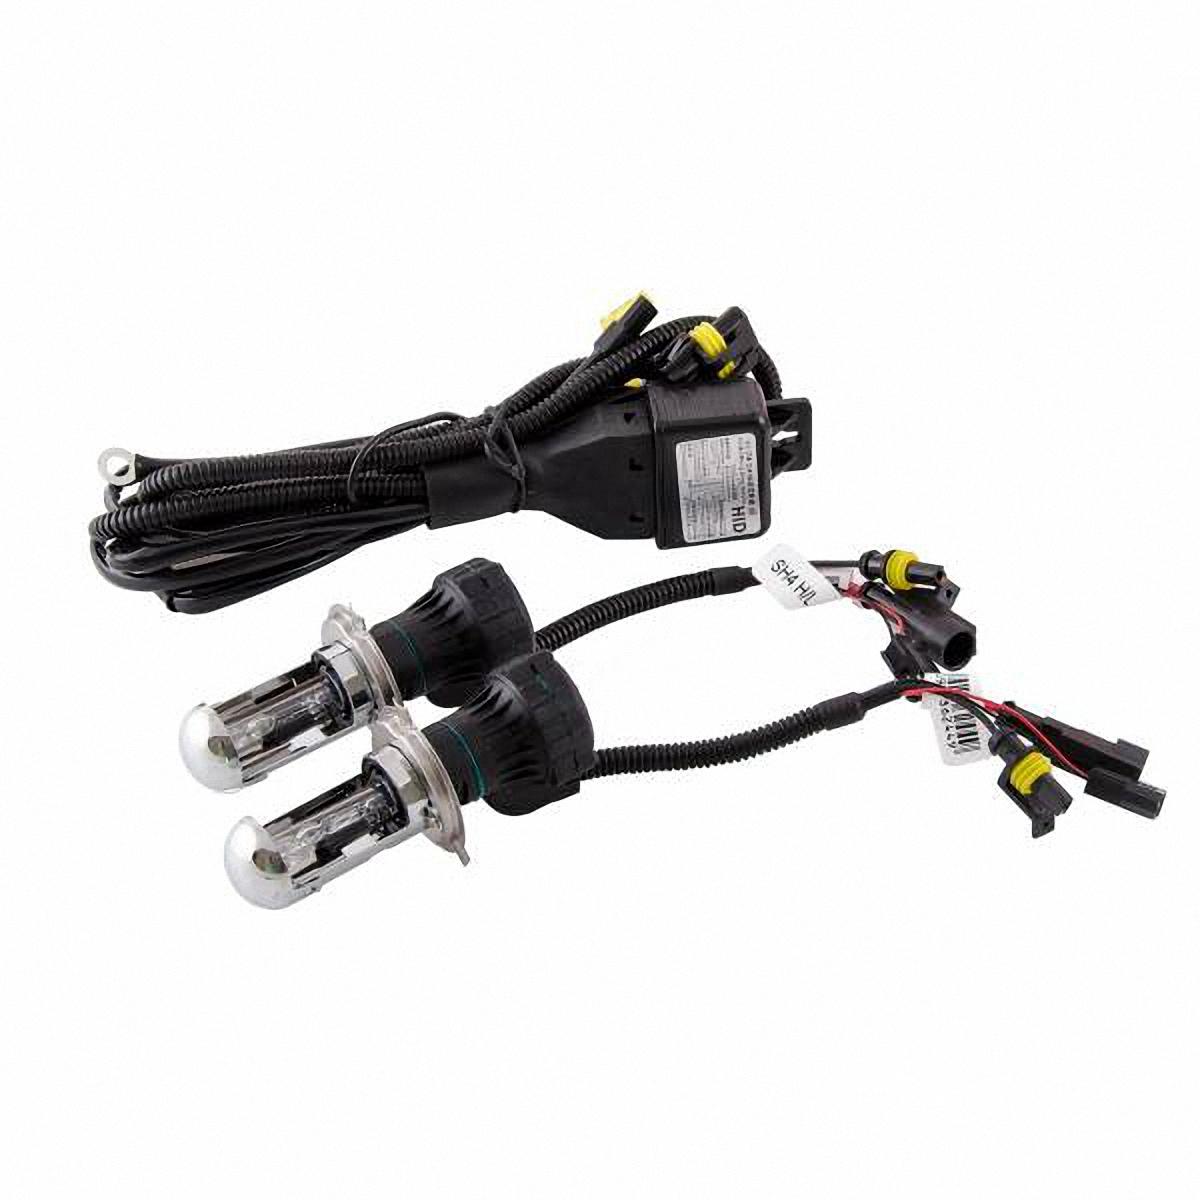 Лампа автомобильная Skyway, биксенон, цоколь H4, 35 Вт, 12 В, 2 шт. SH4 H/L 6000KSH4 H/L 6000KДанная биксеноновая лампа под цоколь H4 применяется в автомобилях со световой системой, в которой в одной лампе совмещены ближний и дальний свет (в одной лампе 2 спирали). Автолампа биксенон SKYWAY устойчива к тряскам, имеет продолжительный срок эксплуатации. За счет лучшего освещения дорожной разметки и дорожных знаков, вы будете чувствовать себя уверенно в плохих погодных условиях и в темное время суток. А мягкий бело-желтый свет лампы не ослепляет водителей встречного потока автомобилей. Особенности: Защита от короткого замыкания, перенапряжения, низкого напряжения Комплект предназначен для установки в посадочные места галогеновых автомобильных ламп Упрощенная инсталляция на любой автомобиль без замены штатной проводки Колба лампы изготовлена из кварцевого стекла Водонепроницаемый корпус Короткое время розжига Характеристики: Цветовая температура: 6000К Цоколь: Н4 Мощность: 35 Вт ...